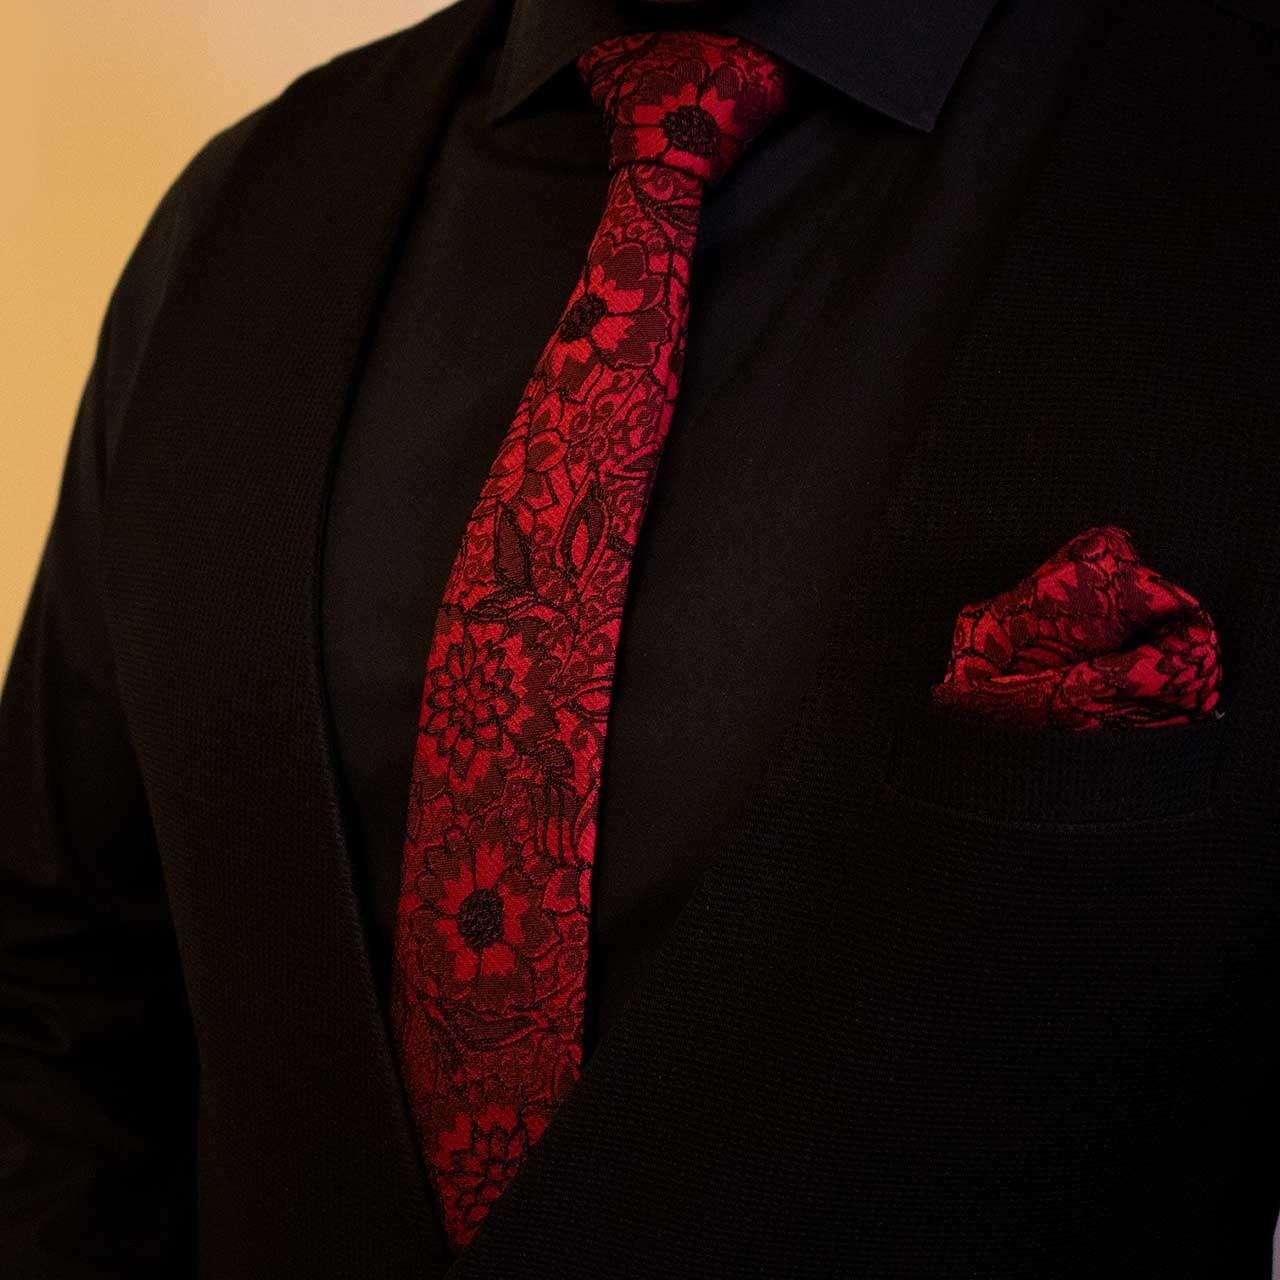 عکس کراوات و دستمال جیب مدل آوین  کراوات-و-دستمال-جیب-مدل-اوین